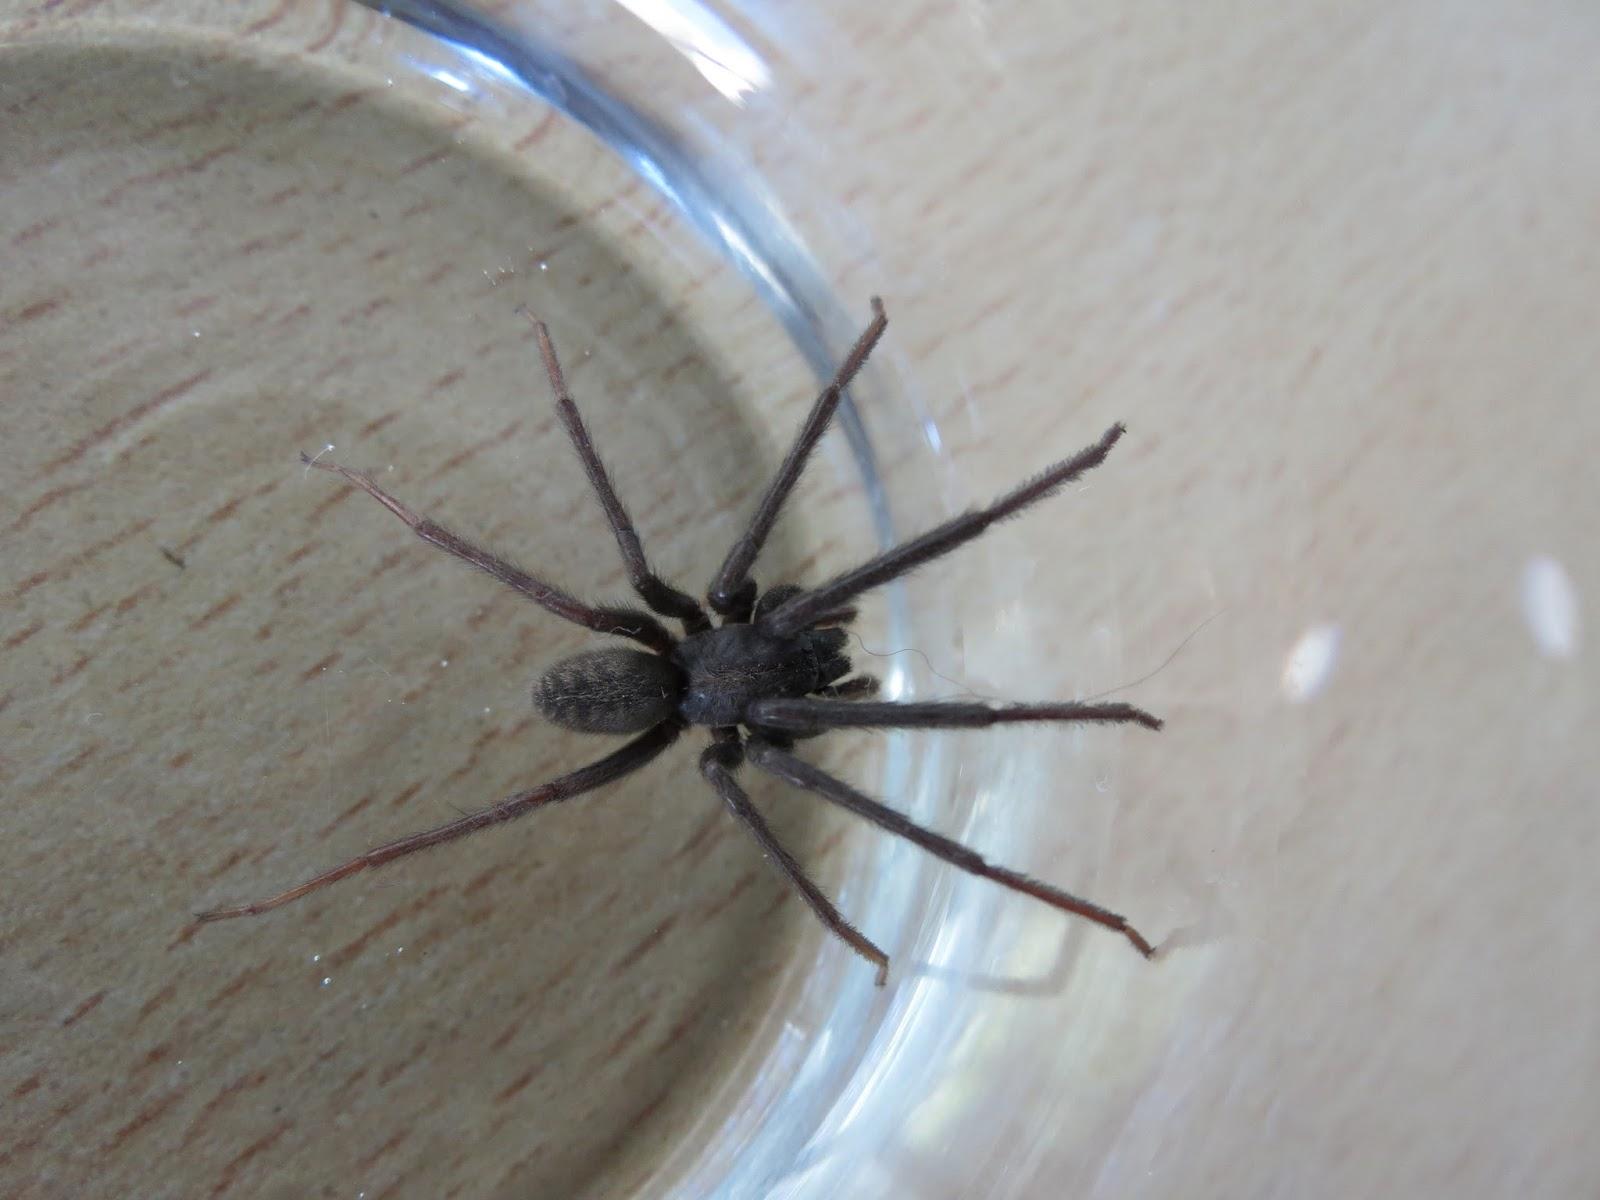 Como sacar las aranas de casa norberto de buenos aires - Como sacar las moscas de la casa ...